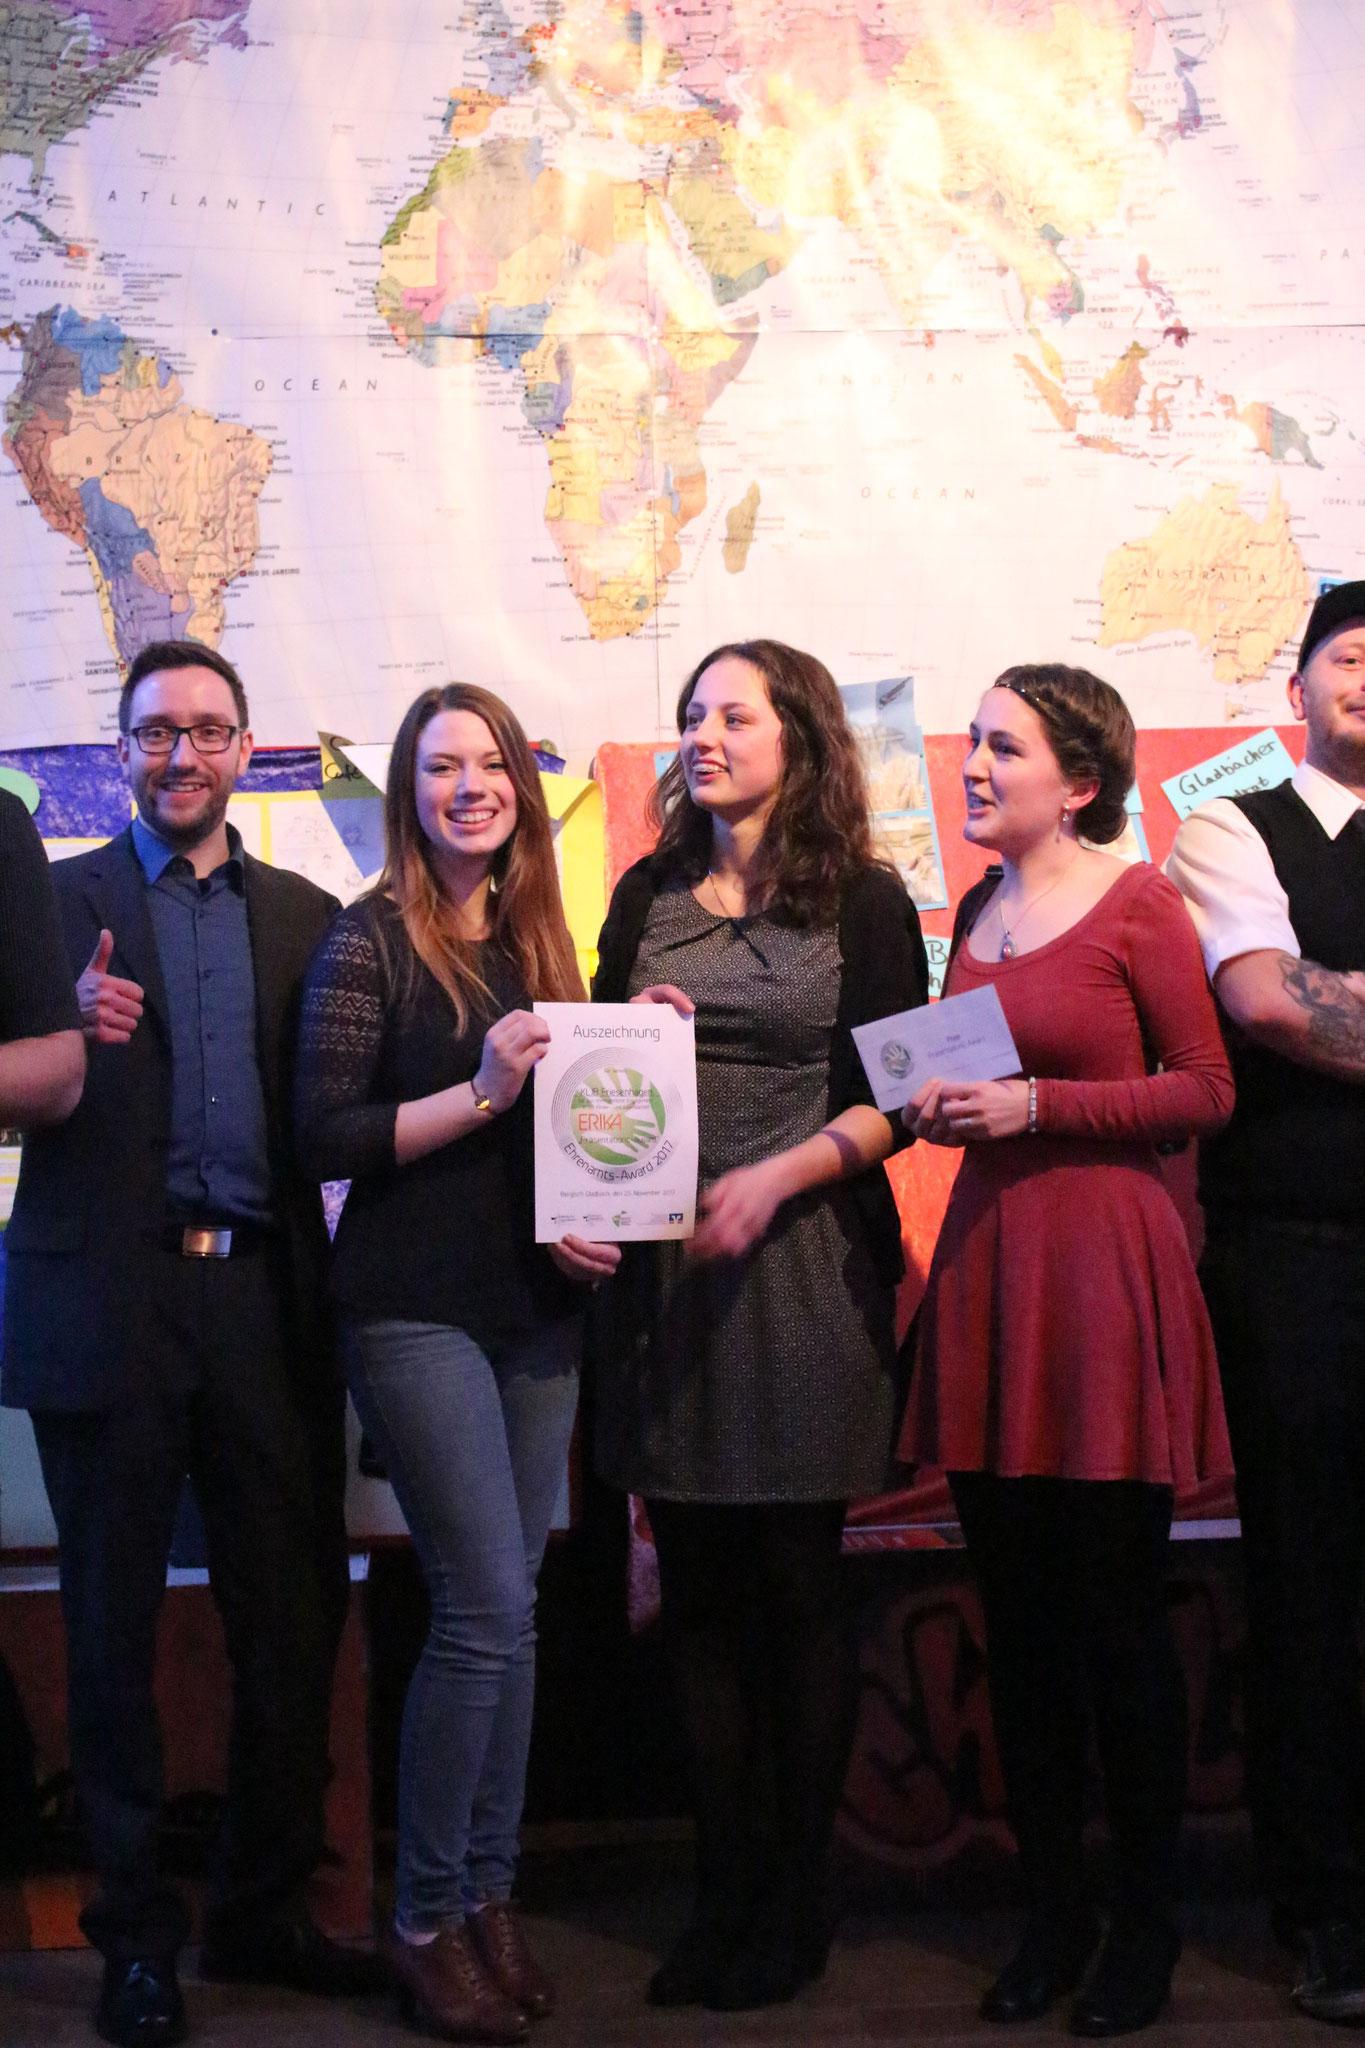 Mit unserer Bewerbung für den Travel-Award (Zeltlager 2017) haben wir leider nicht diesen Preis, dafür aber den Präsentations-Award gewonnen